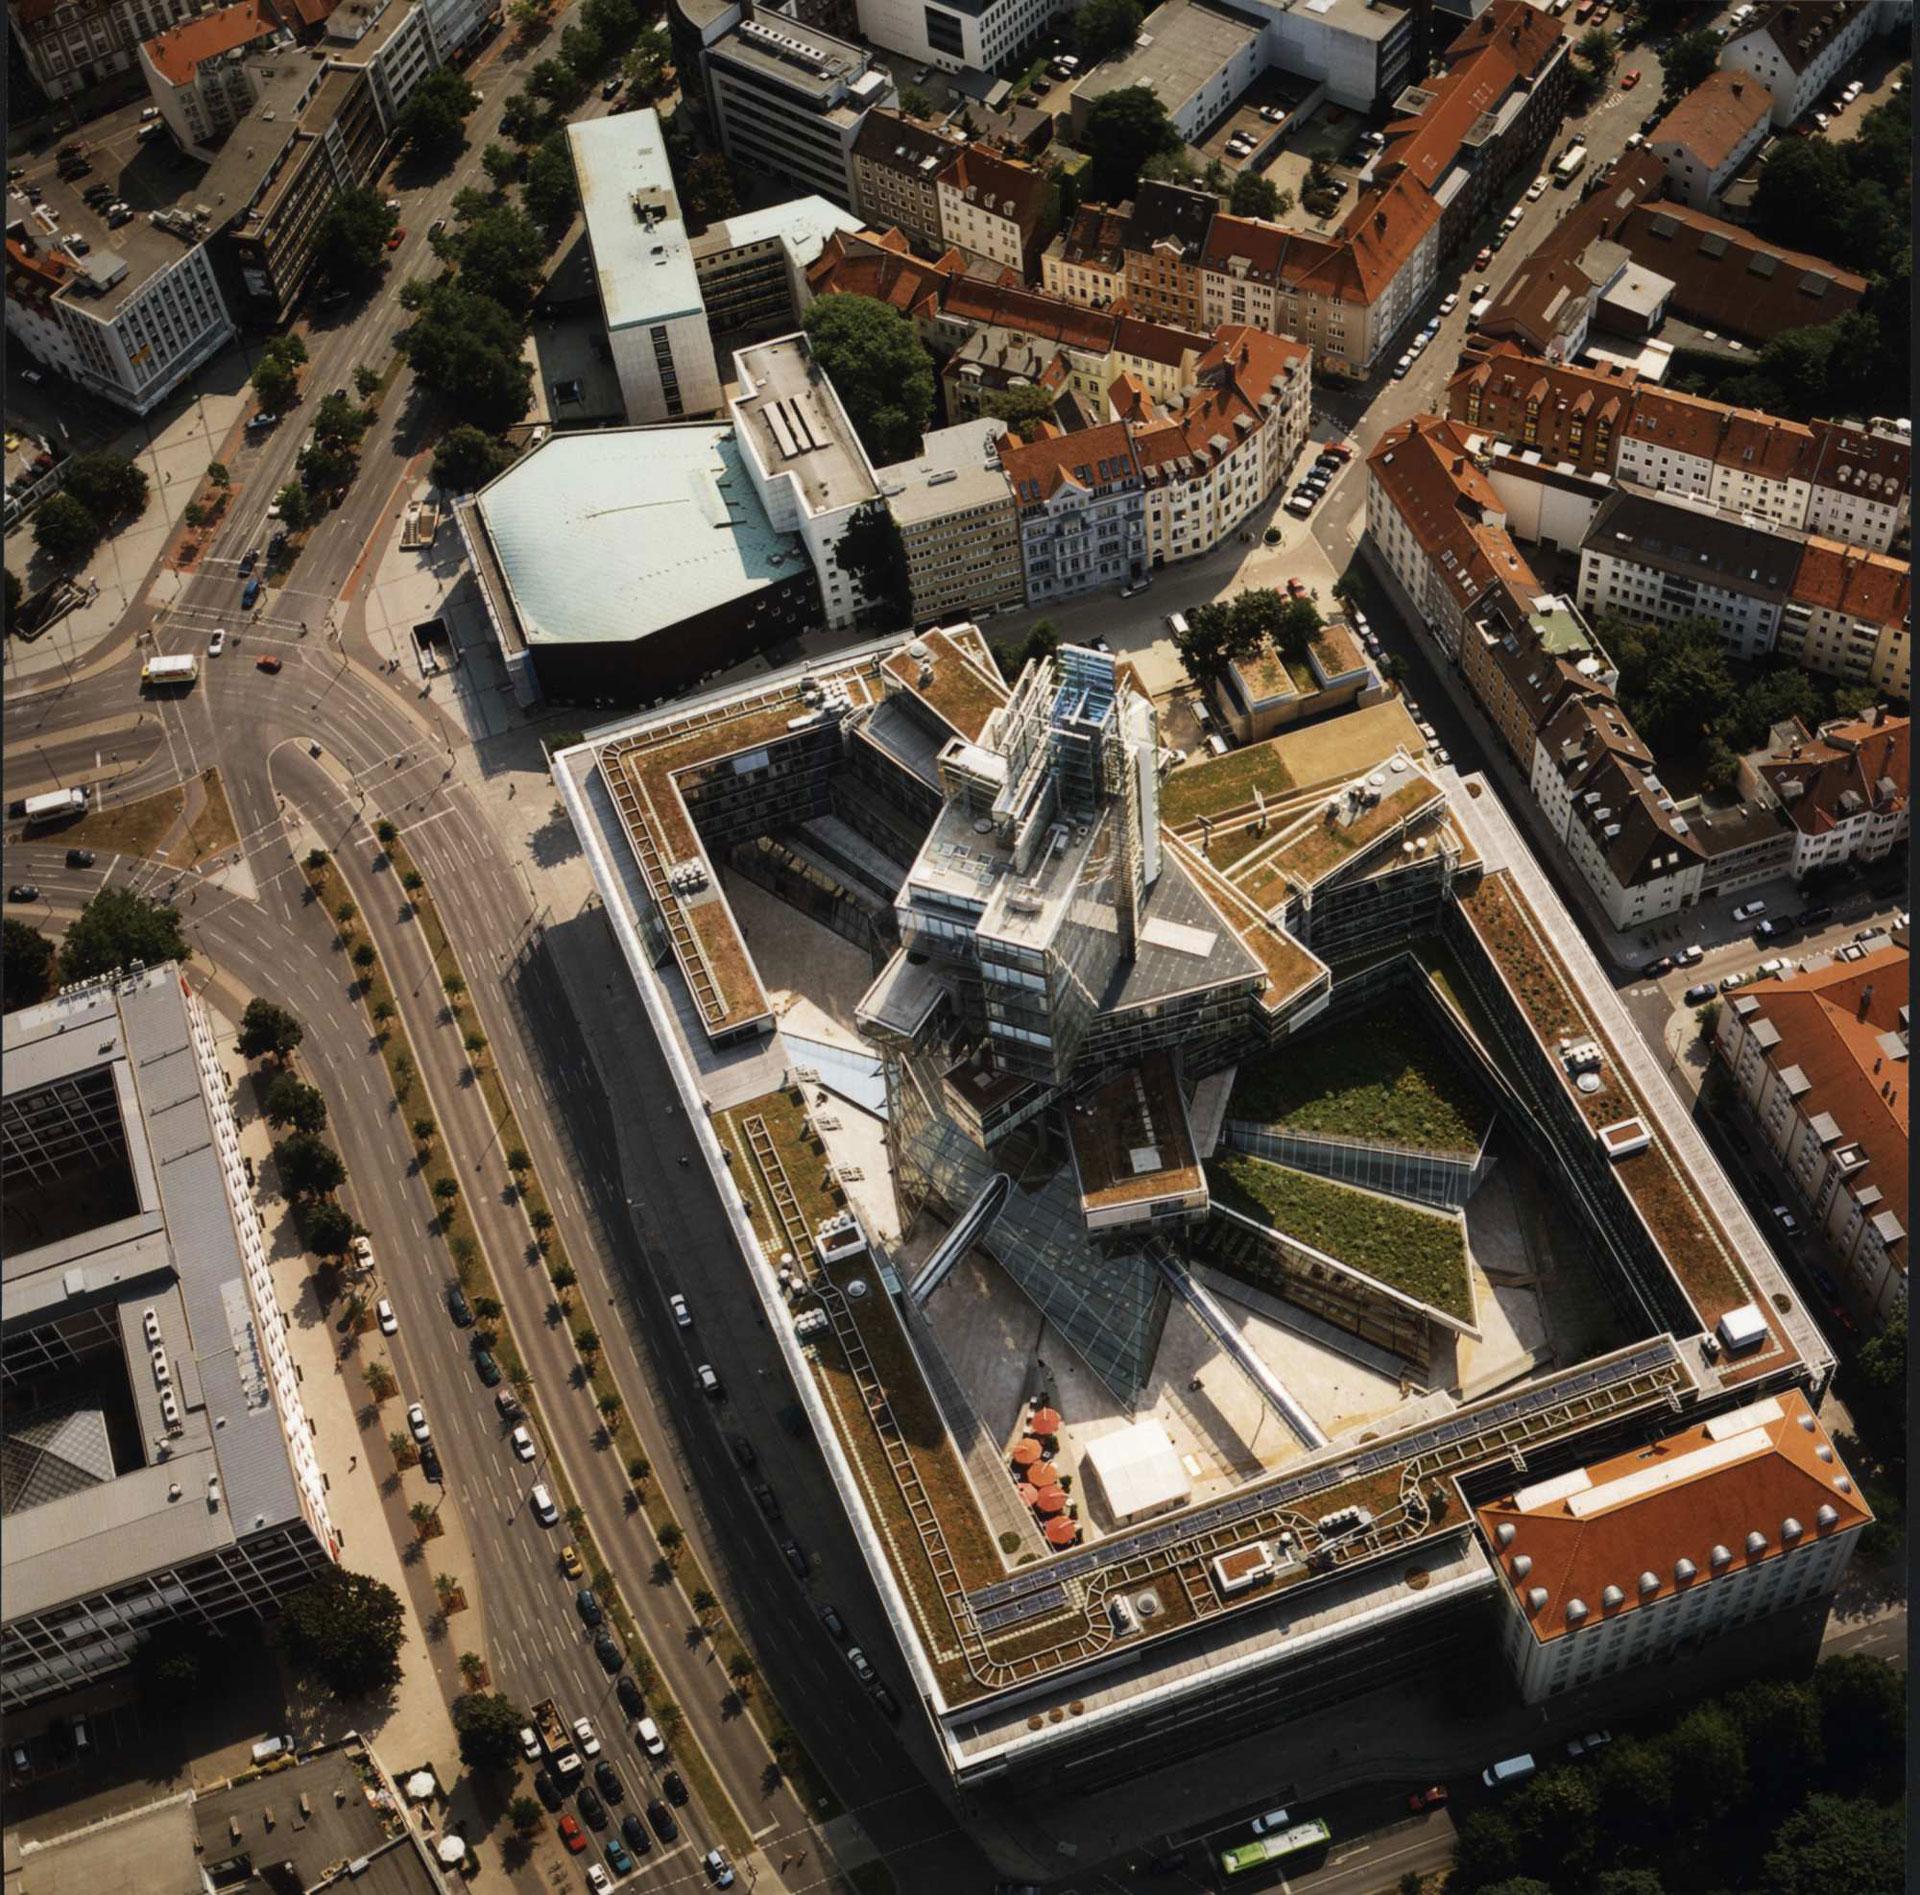 Behnisch Architekten / Norddeutsche Landesbank am Friedrichswall.